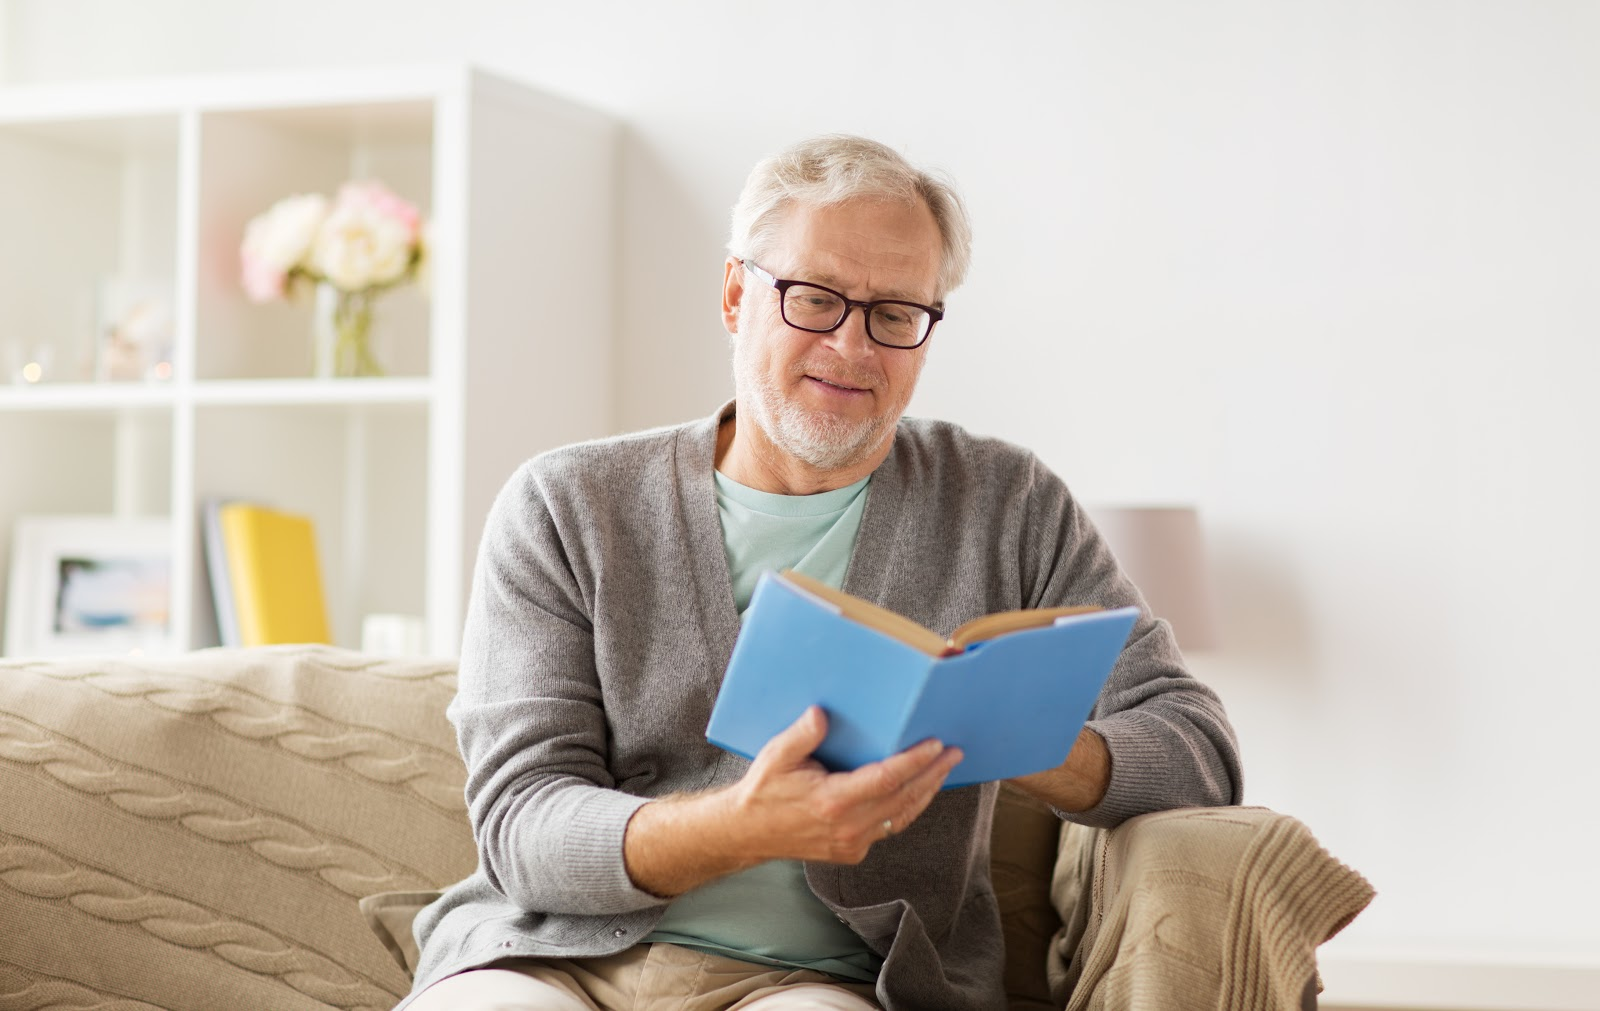 Wstecz - Nauka angielskiego dla seniorów